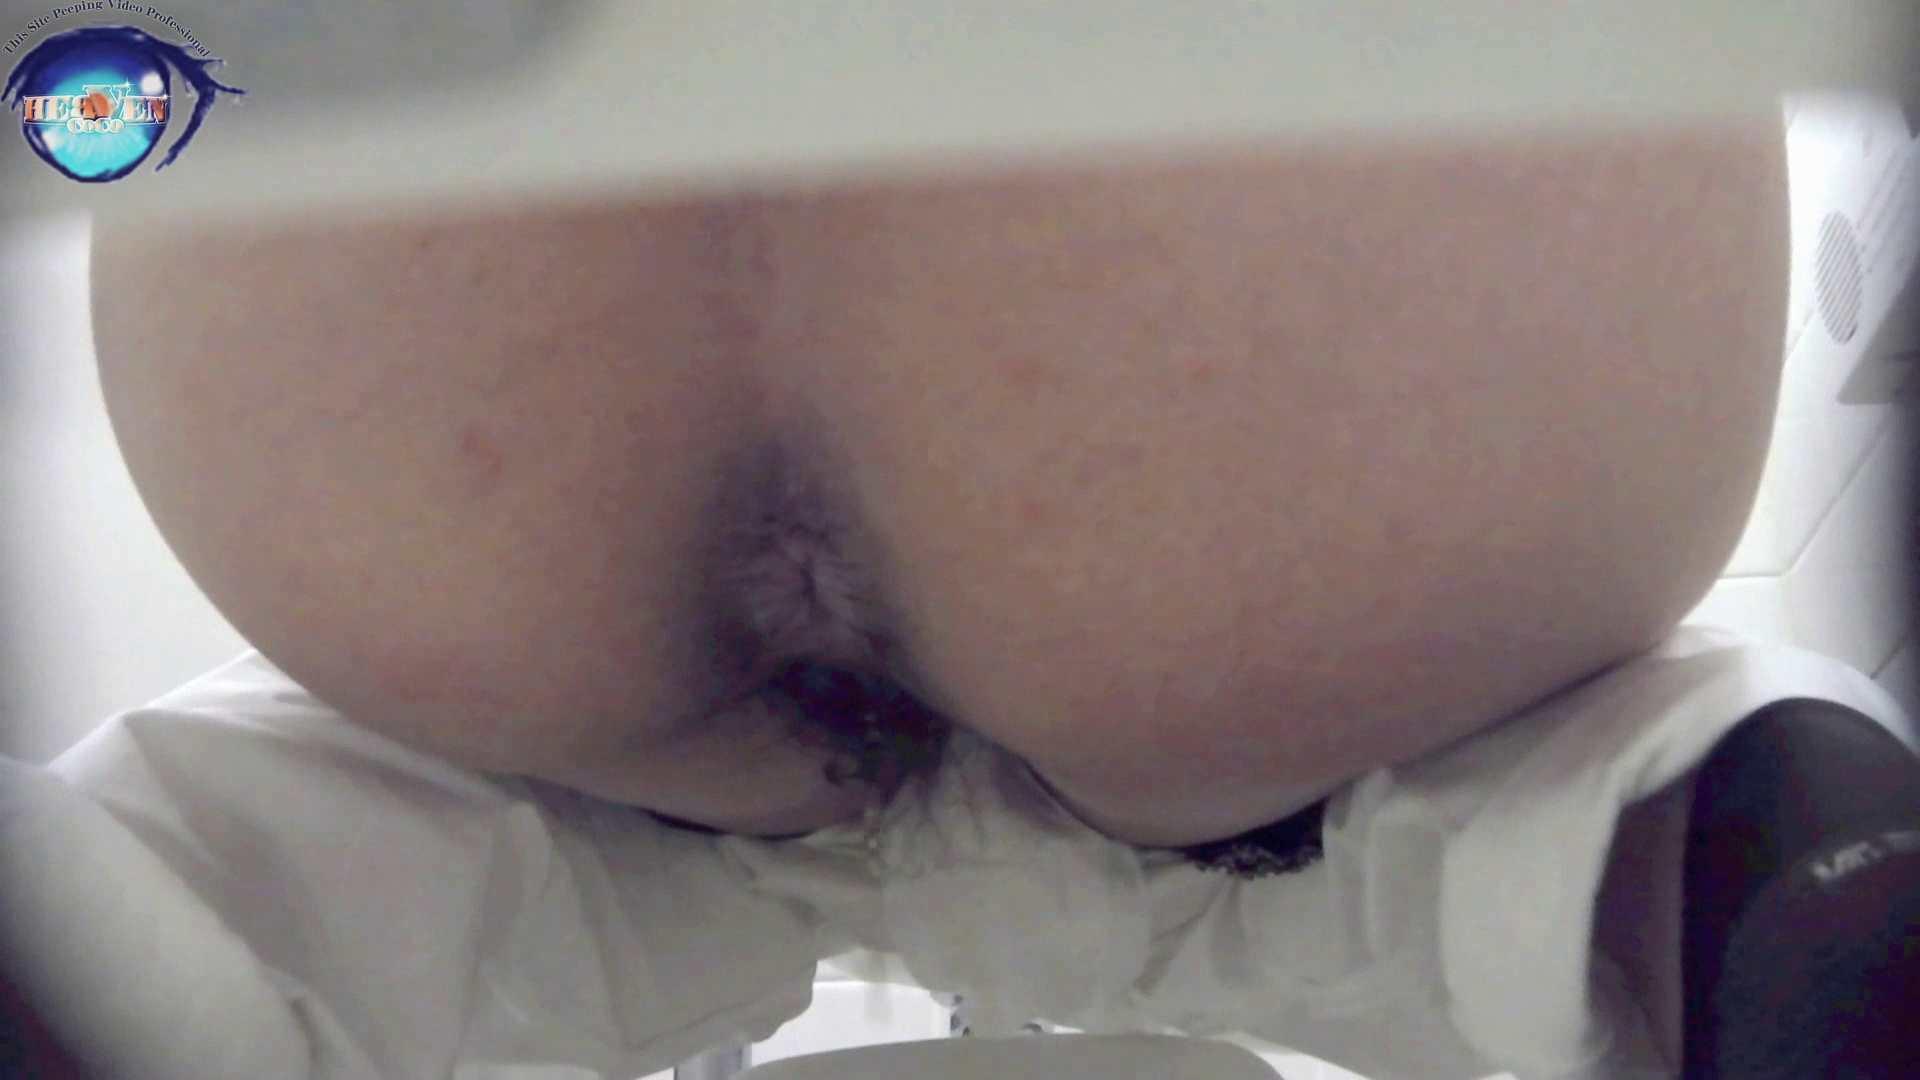 お銀さんの「洗面所突入レポート!!」 vol.65 美女を撮るためにみんなの前に割り込む!!後編 洗面所編 | 美女まとめ  91PIX 57